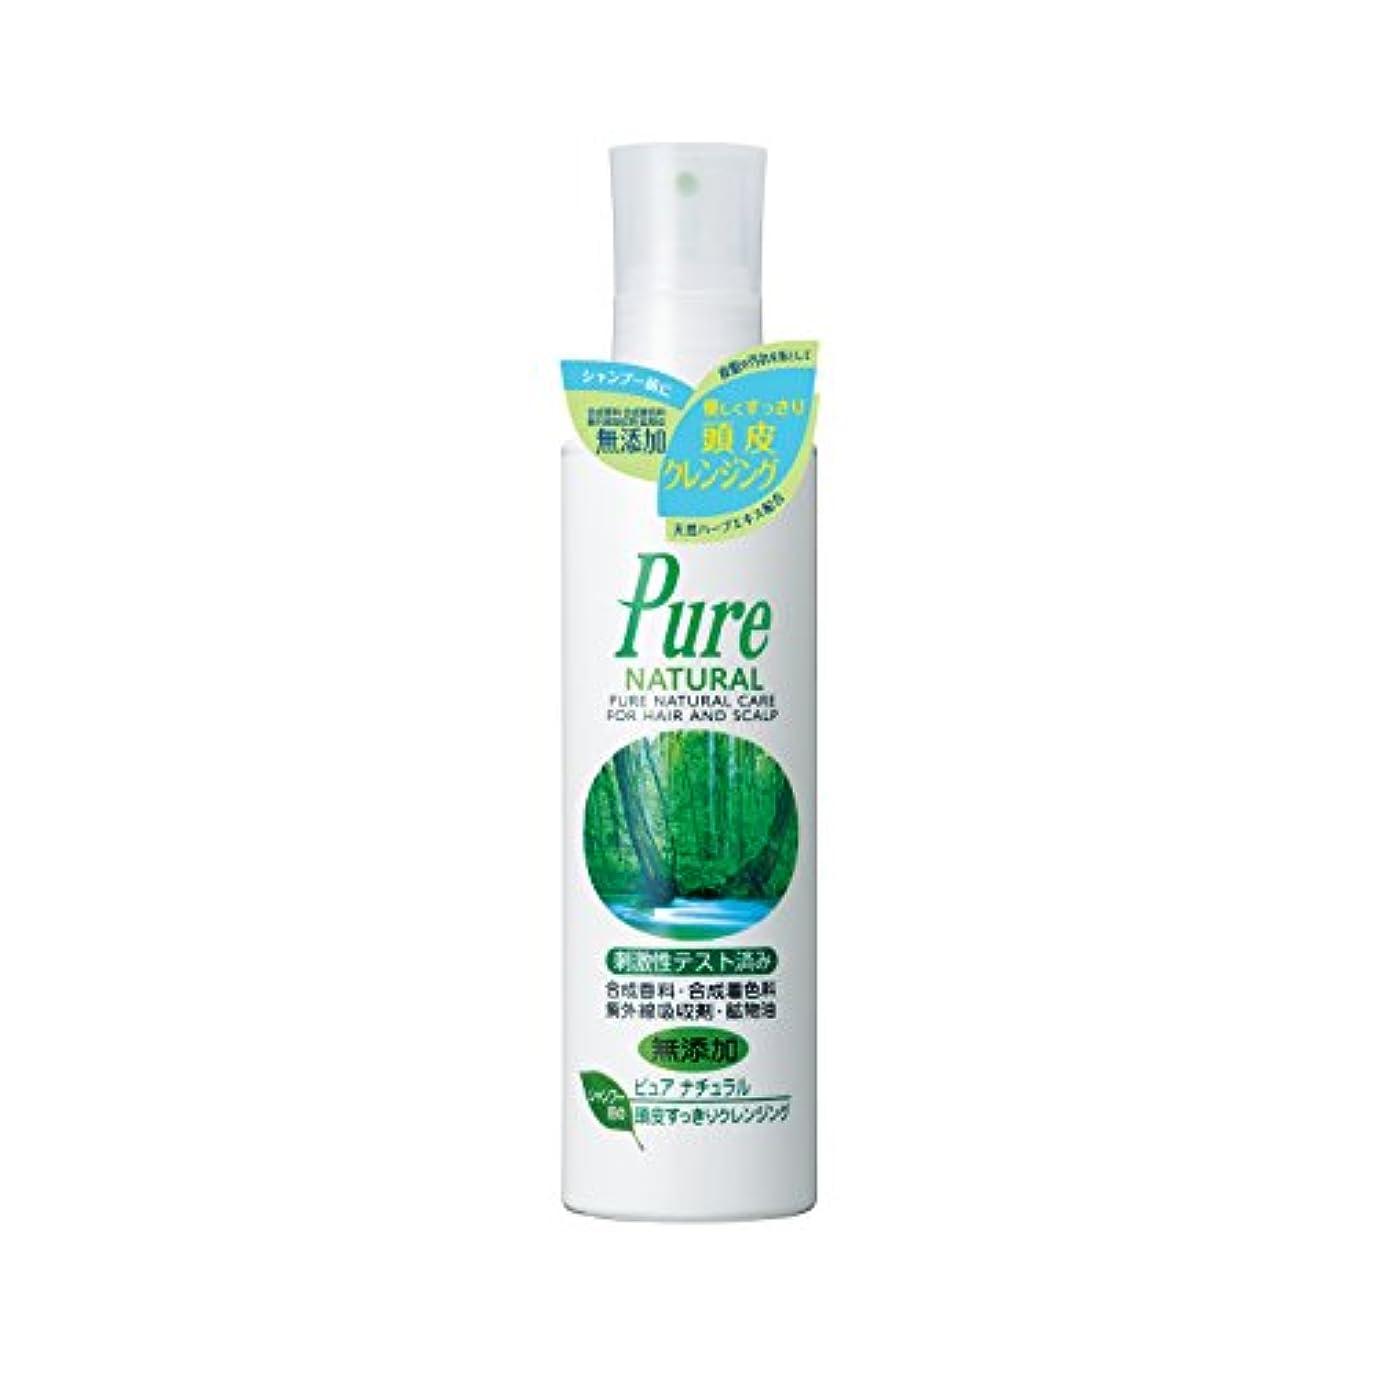 バインド重要性研磨剤Pure NATURAL(ピュアナチュラル) シャンプー前の頭皮すっきりクレンジング 180ml